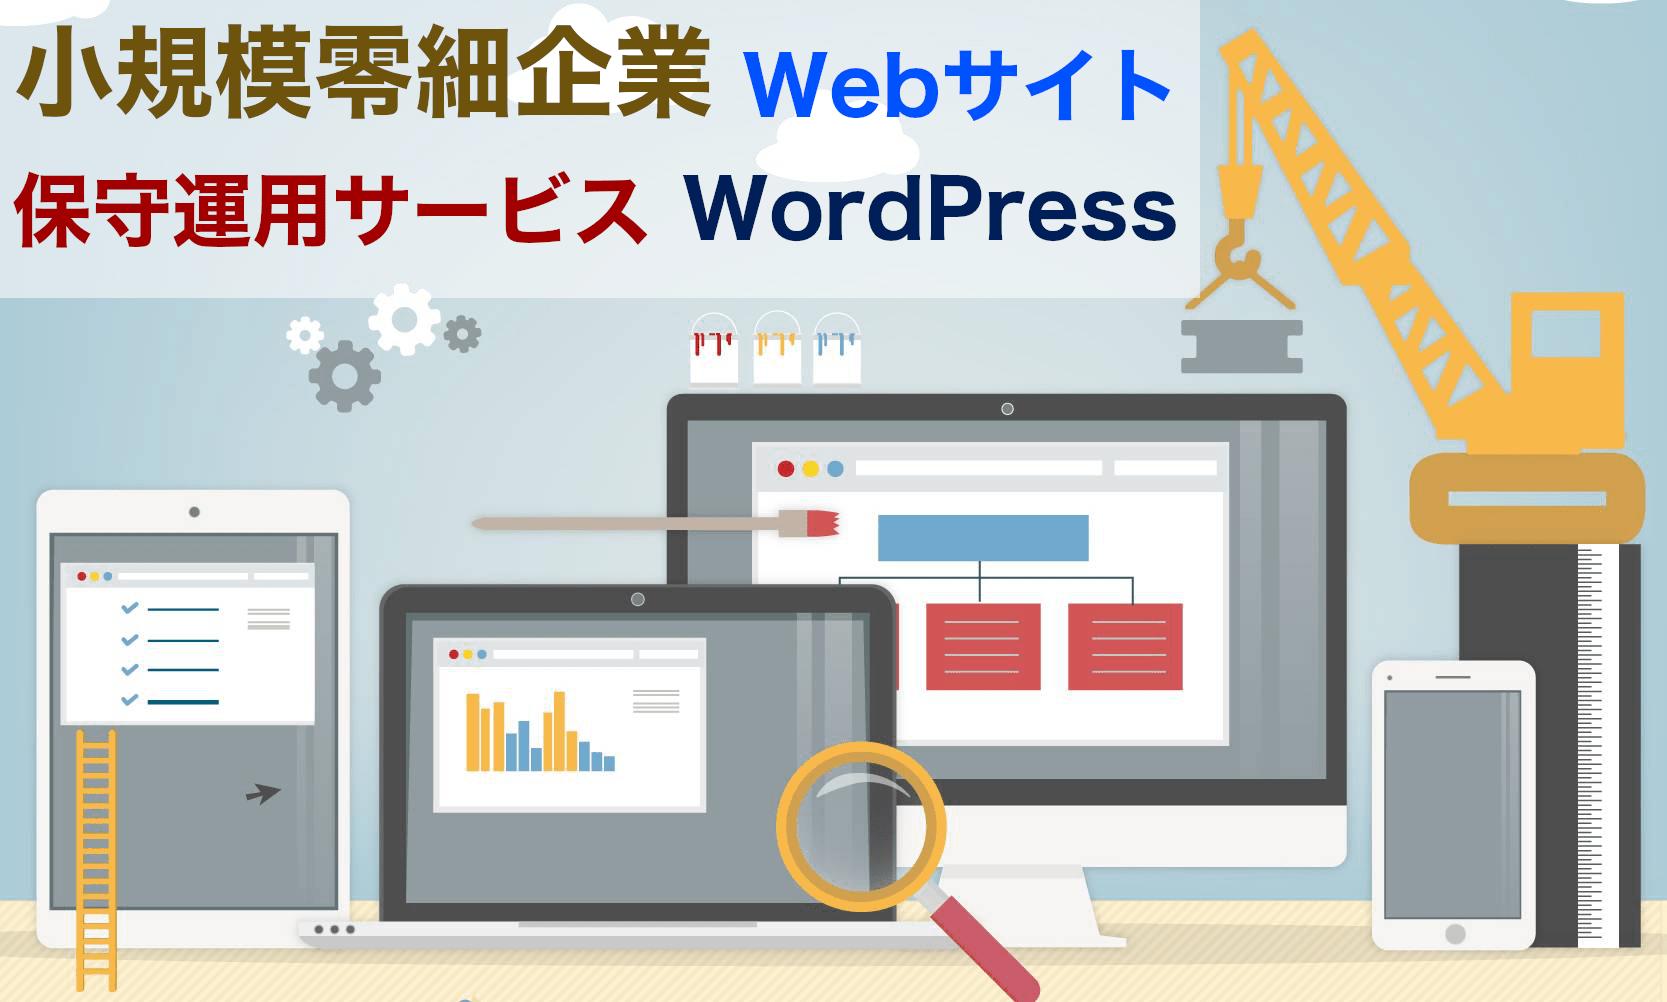 小規模零細企業のWordPress、ホームページ運用保守サービス